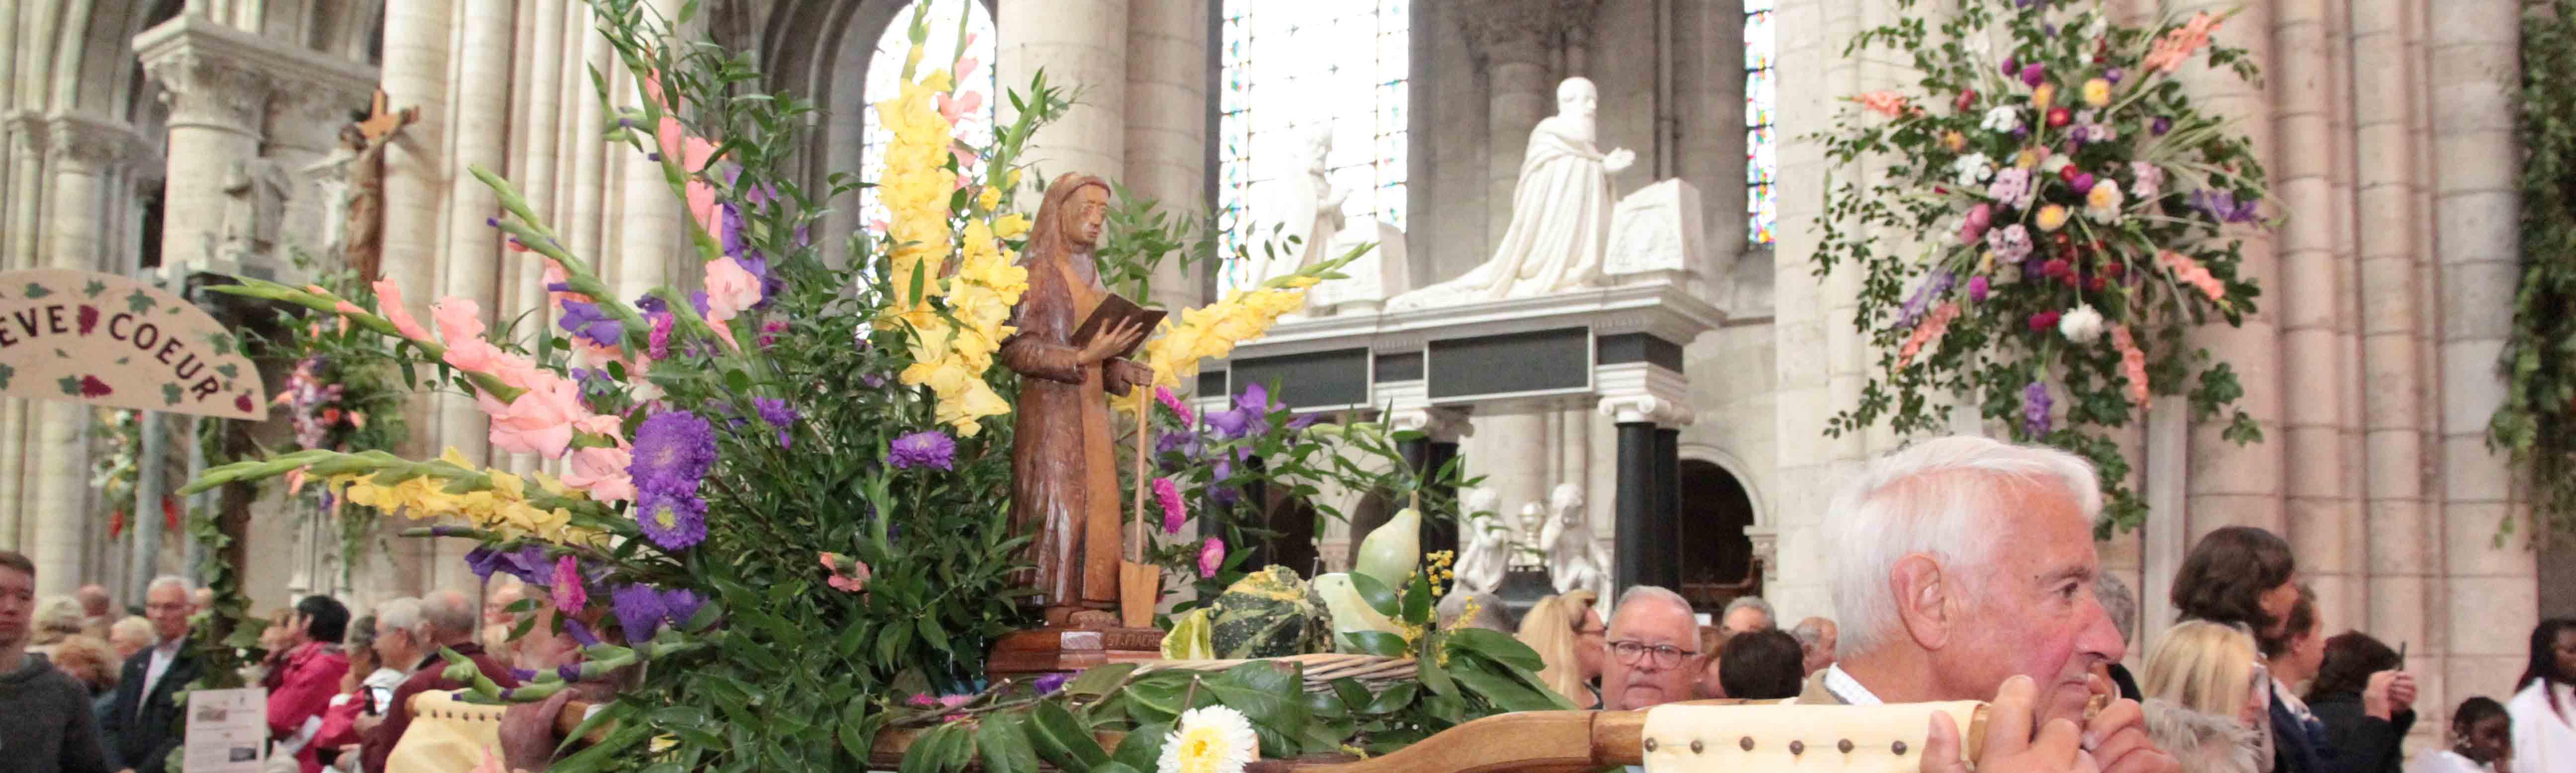 La fête de Saint-Fiacre à Sens, un